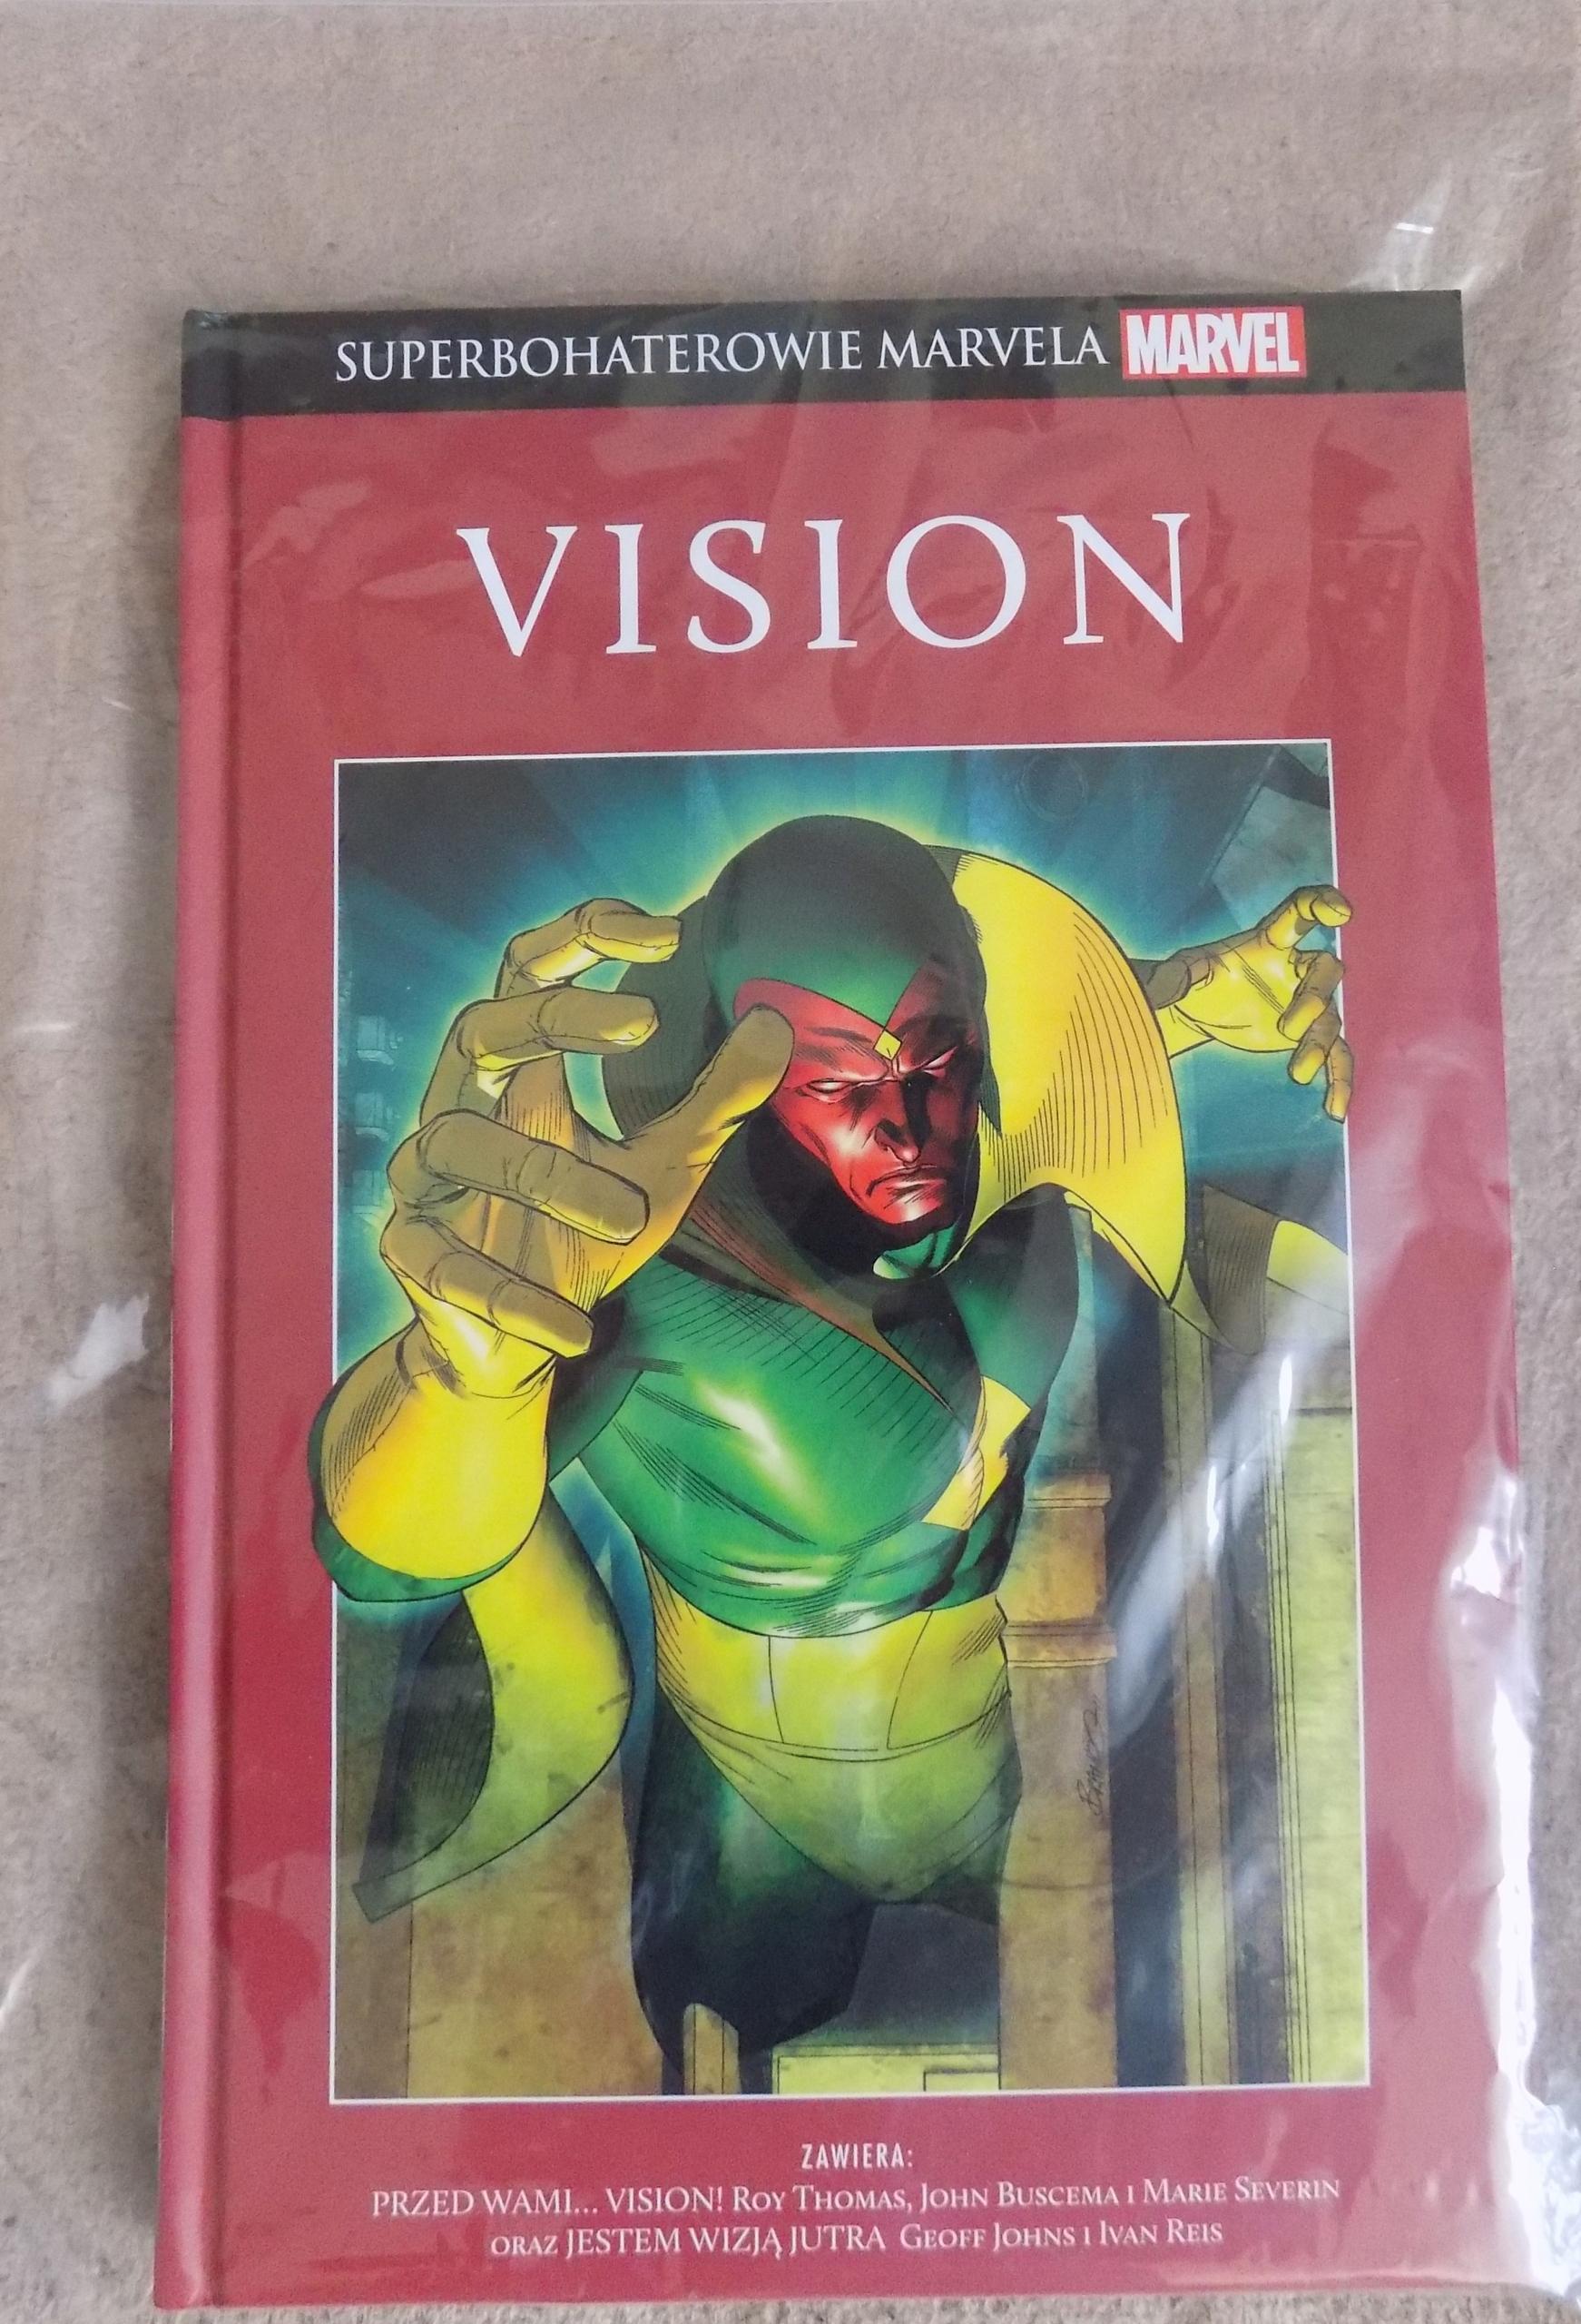 Superbohaterowie Marvela, t. 15 Vision